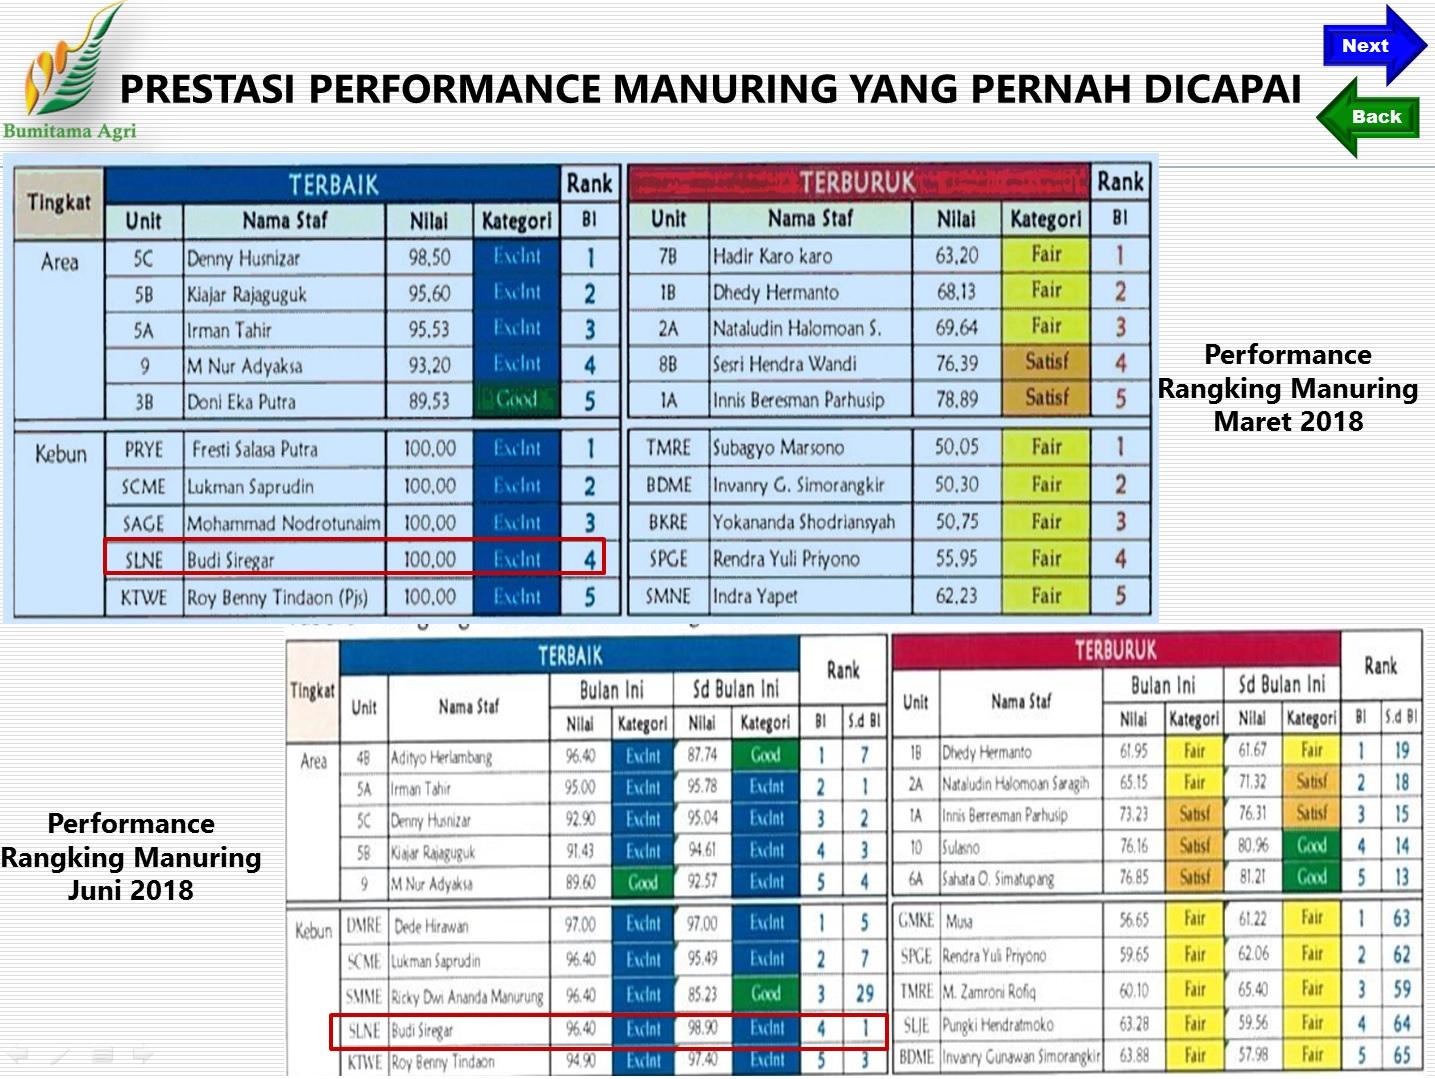 Prestasi Performance Manuring Tahun 2018